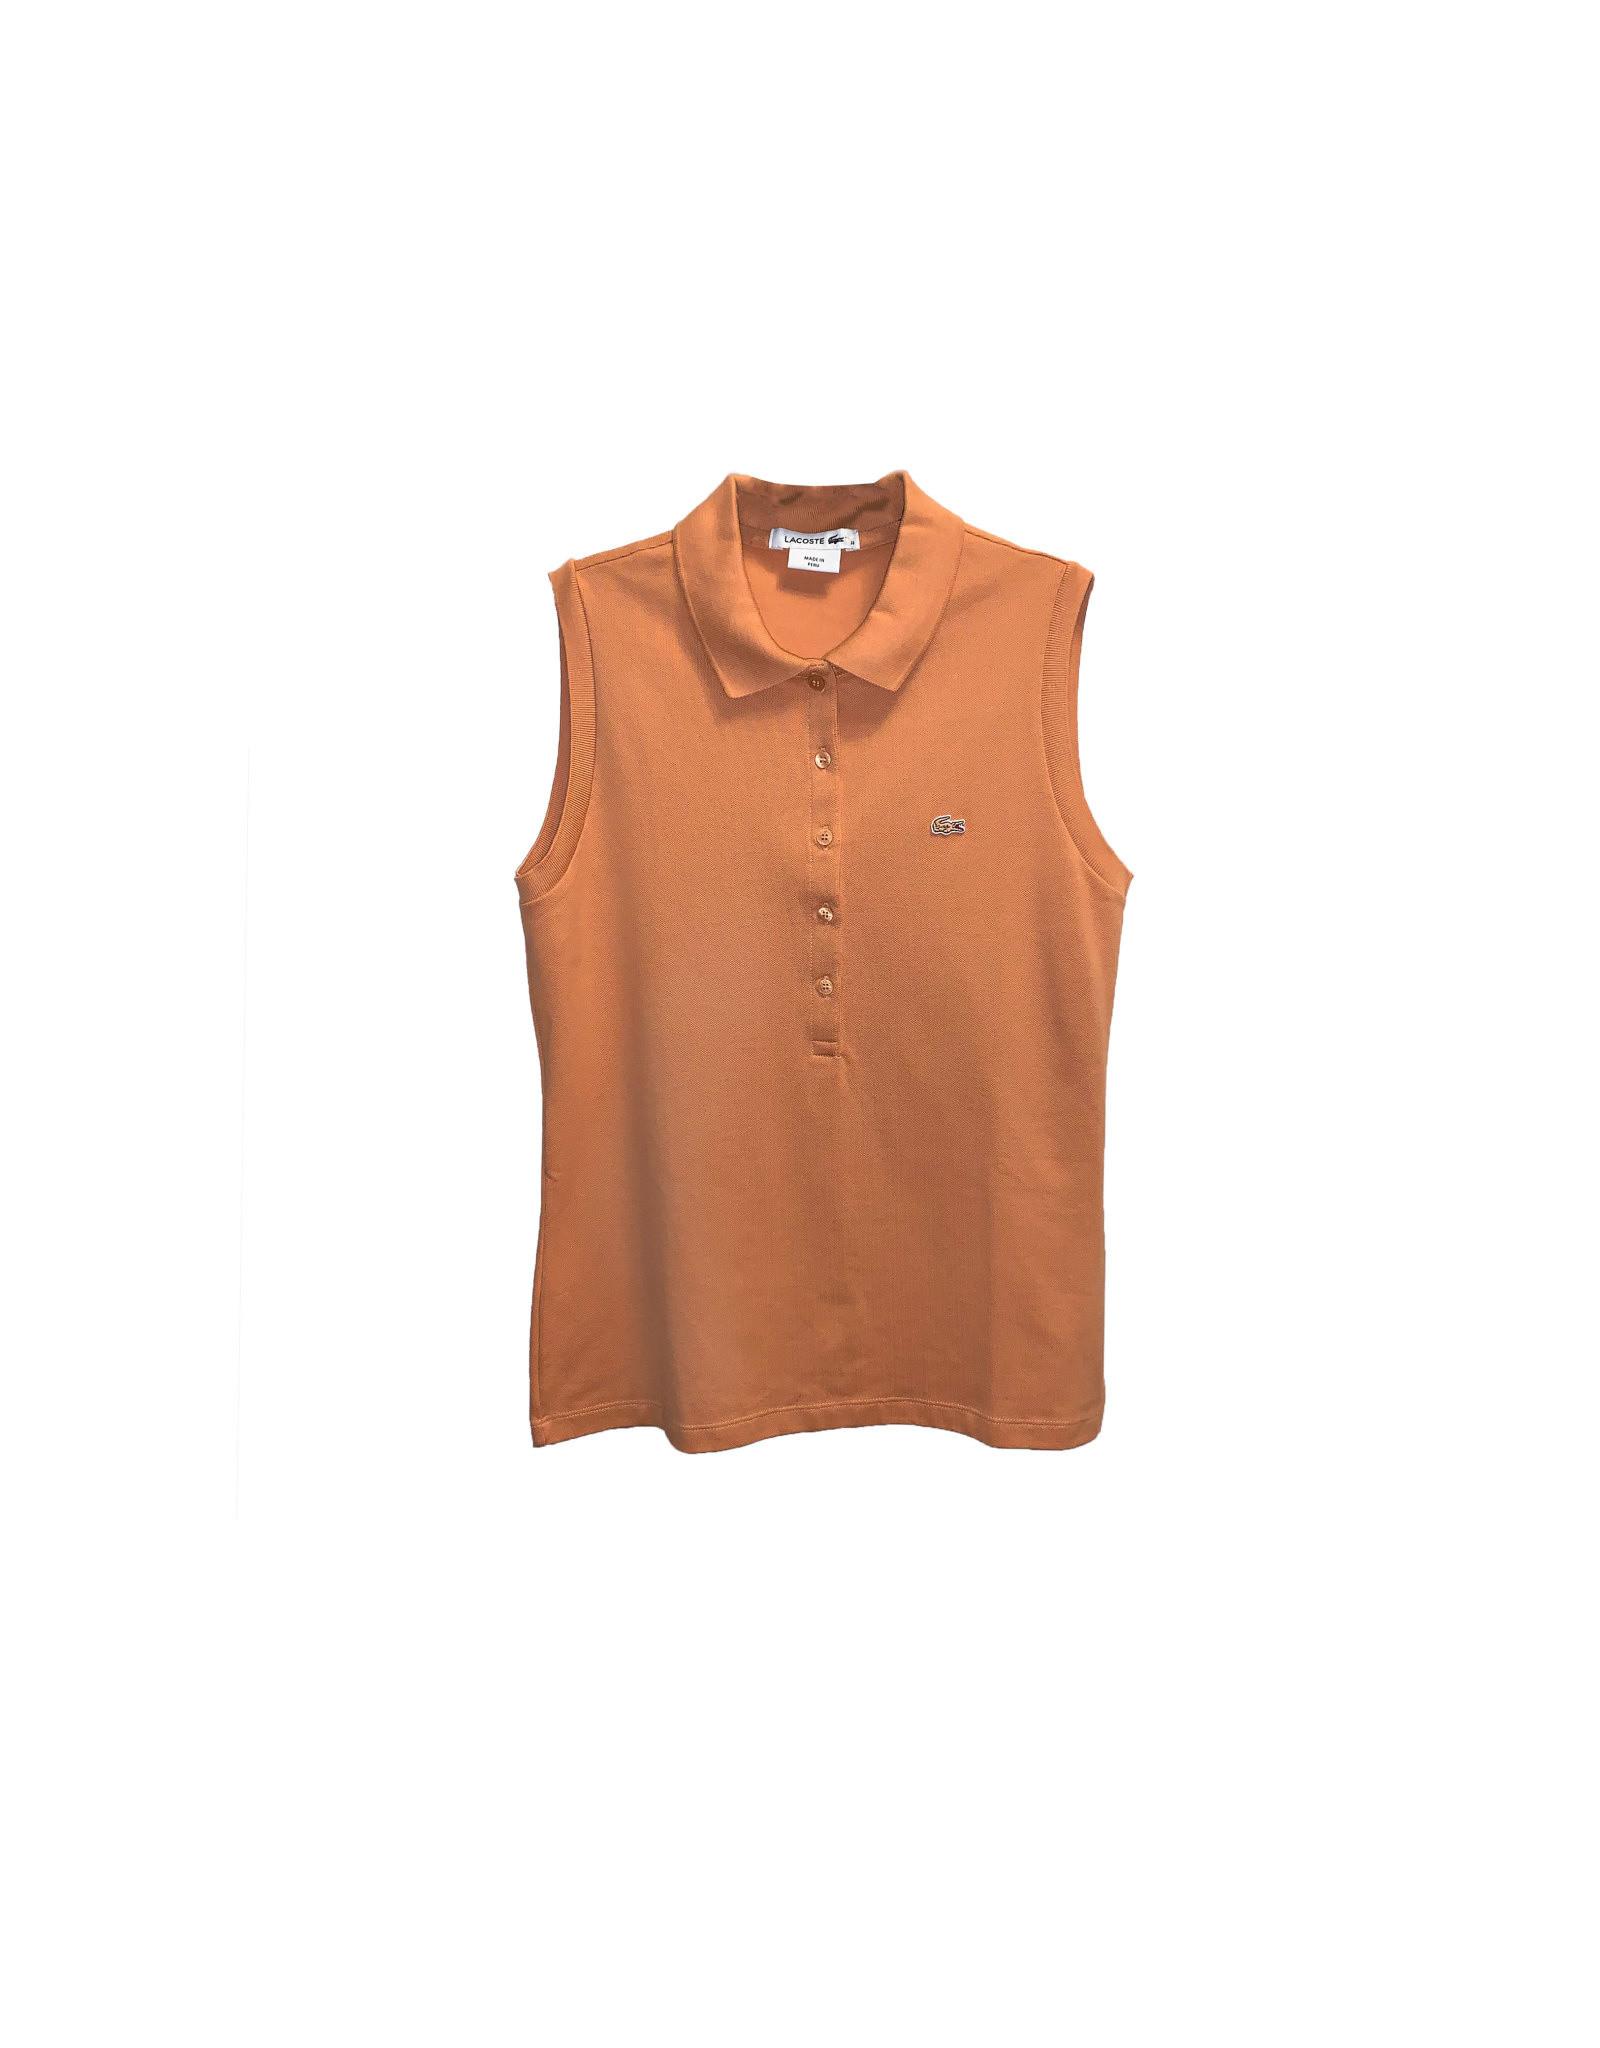 LACOSTE Lacoste  Women's  Tops Size: 38